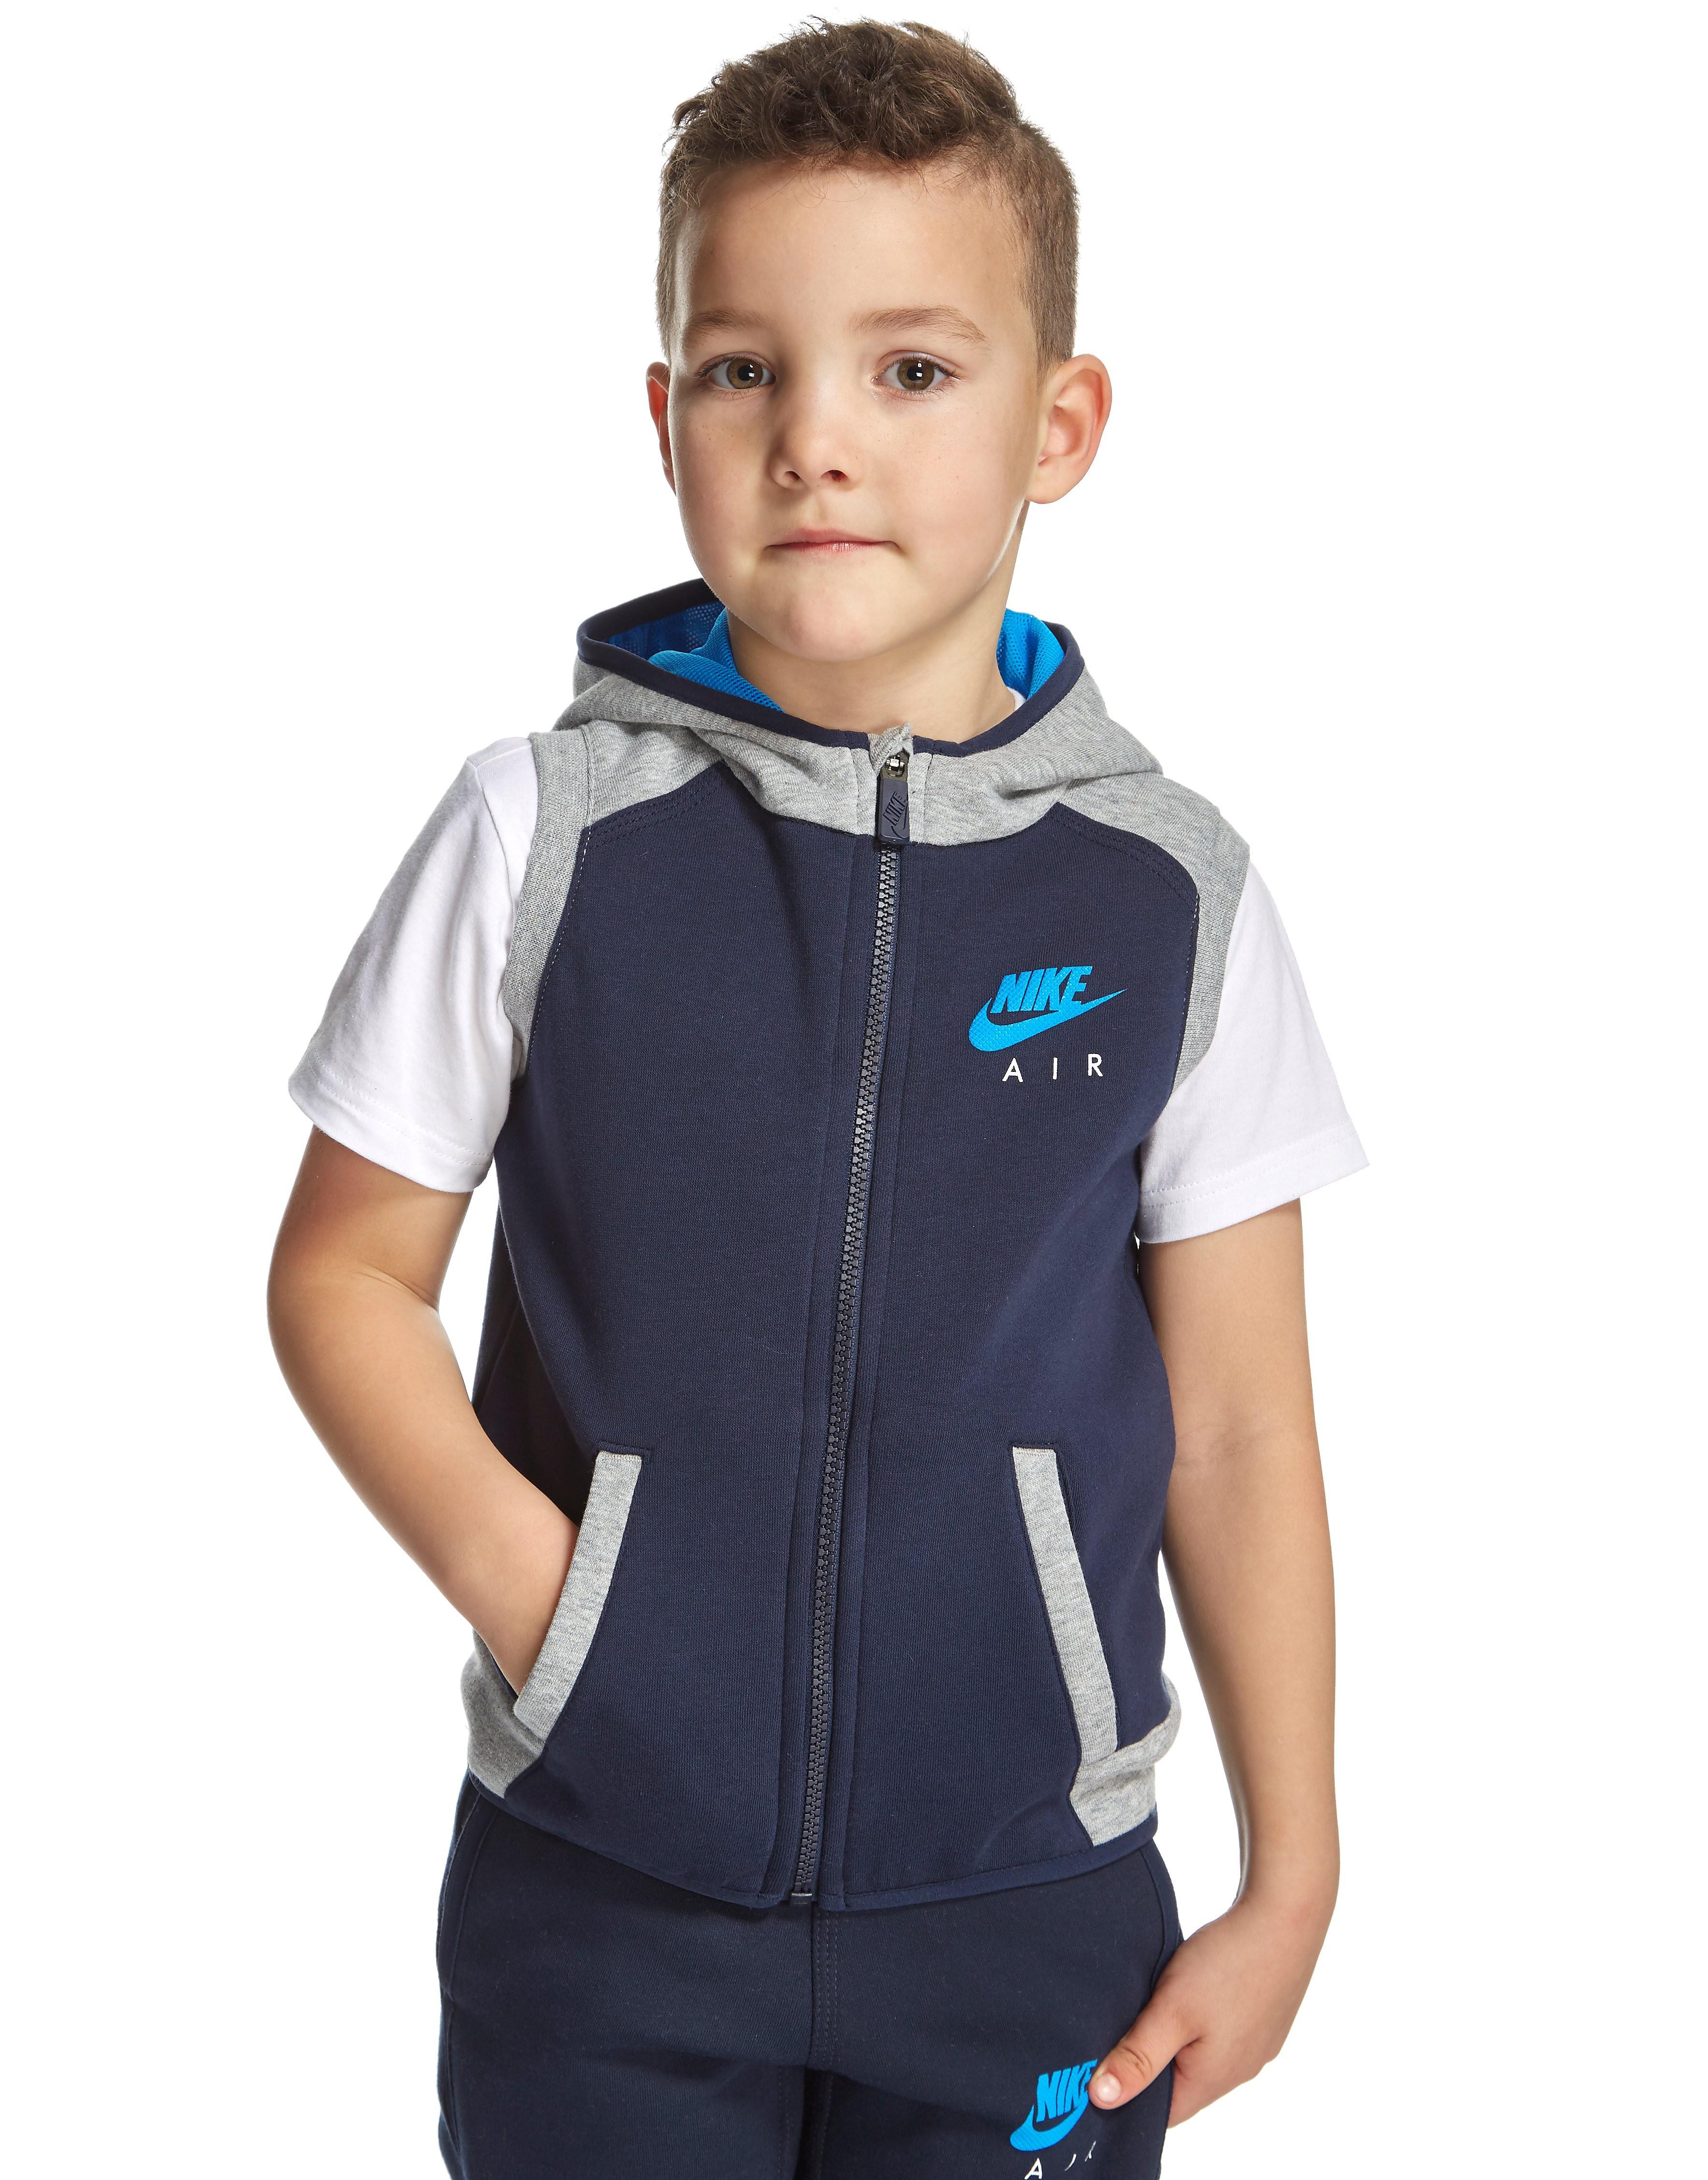 Nike Air Sleeveless Hoody Children